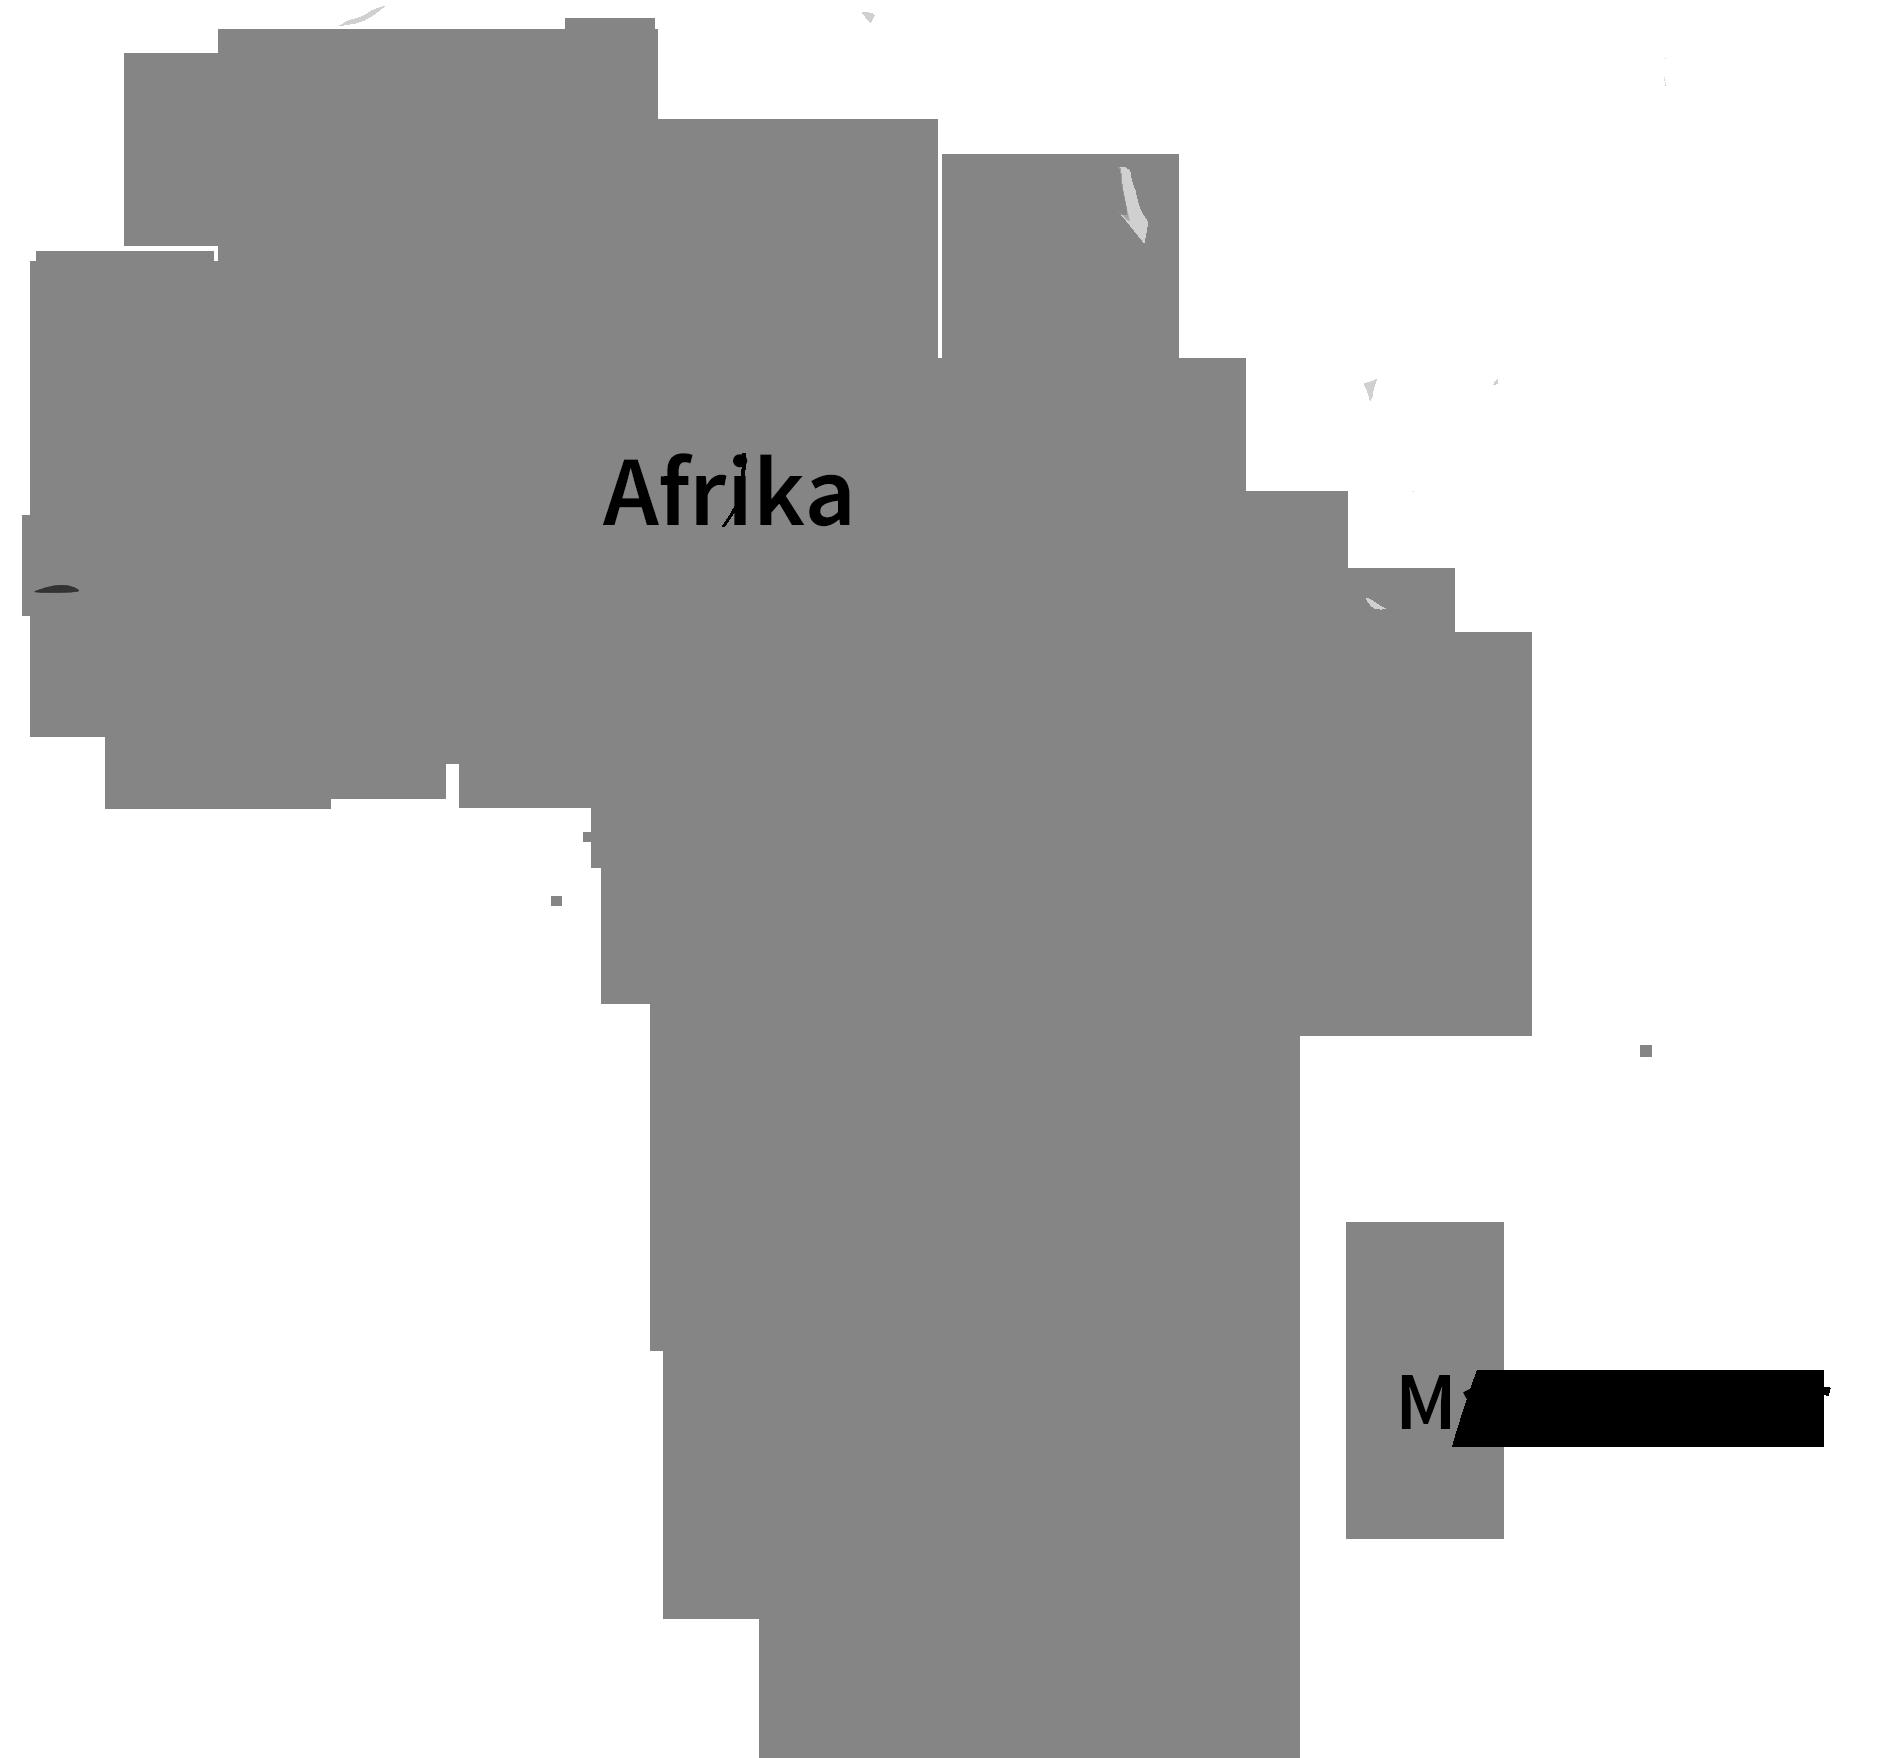 Madagaskar - Afrika